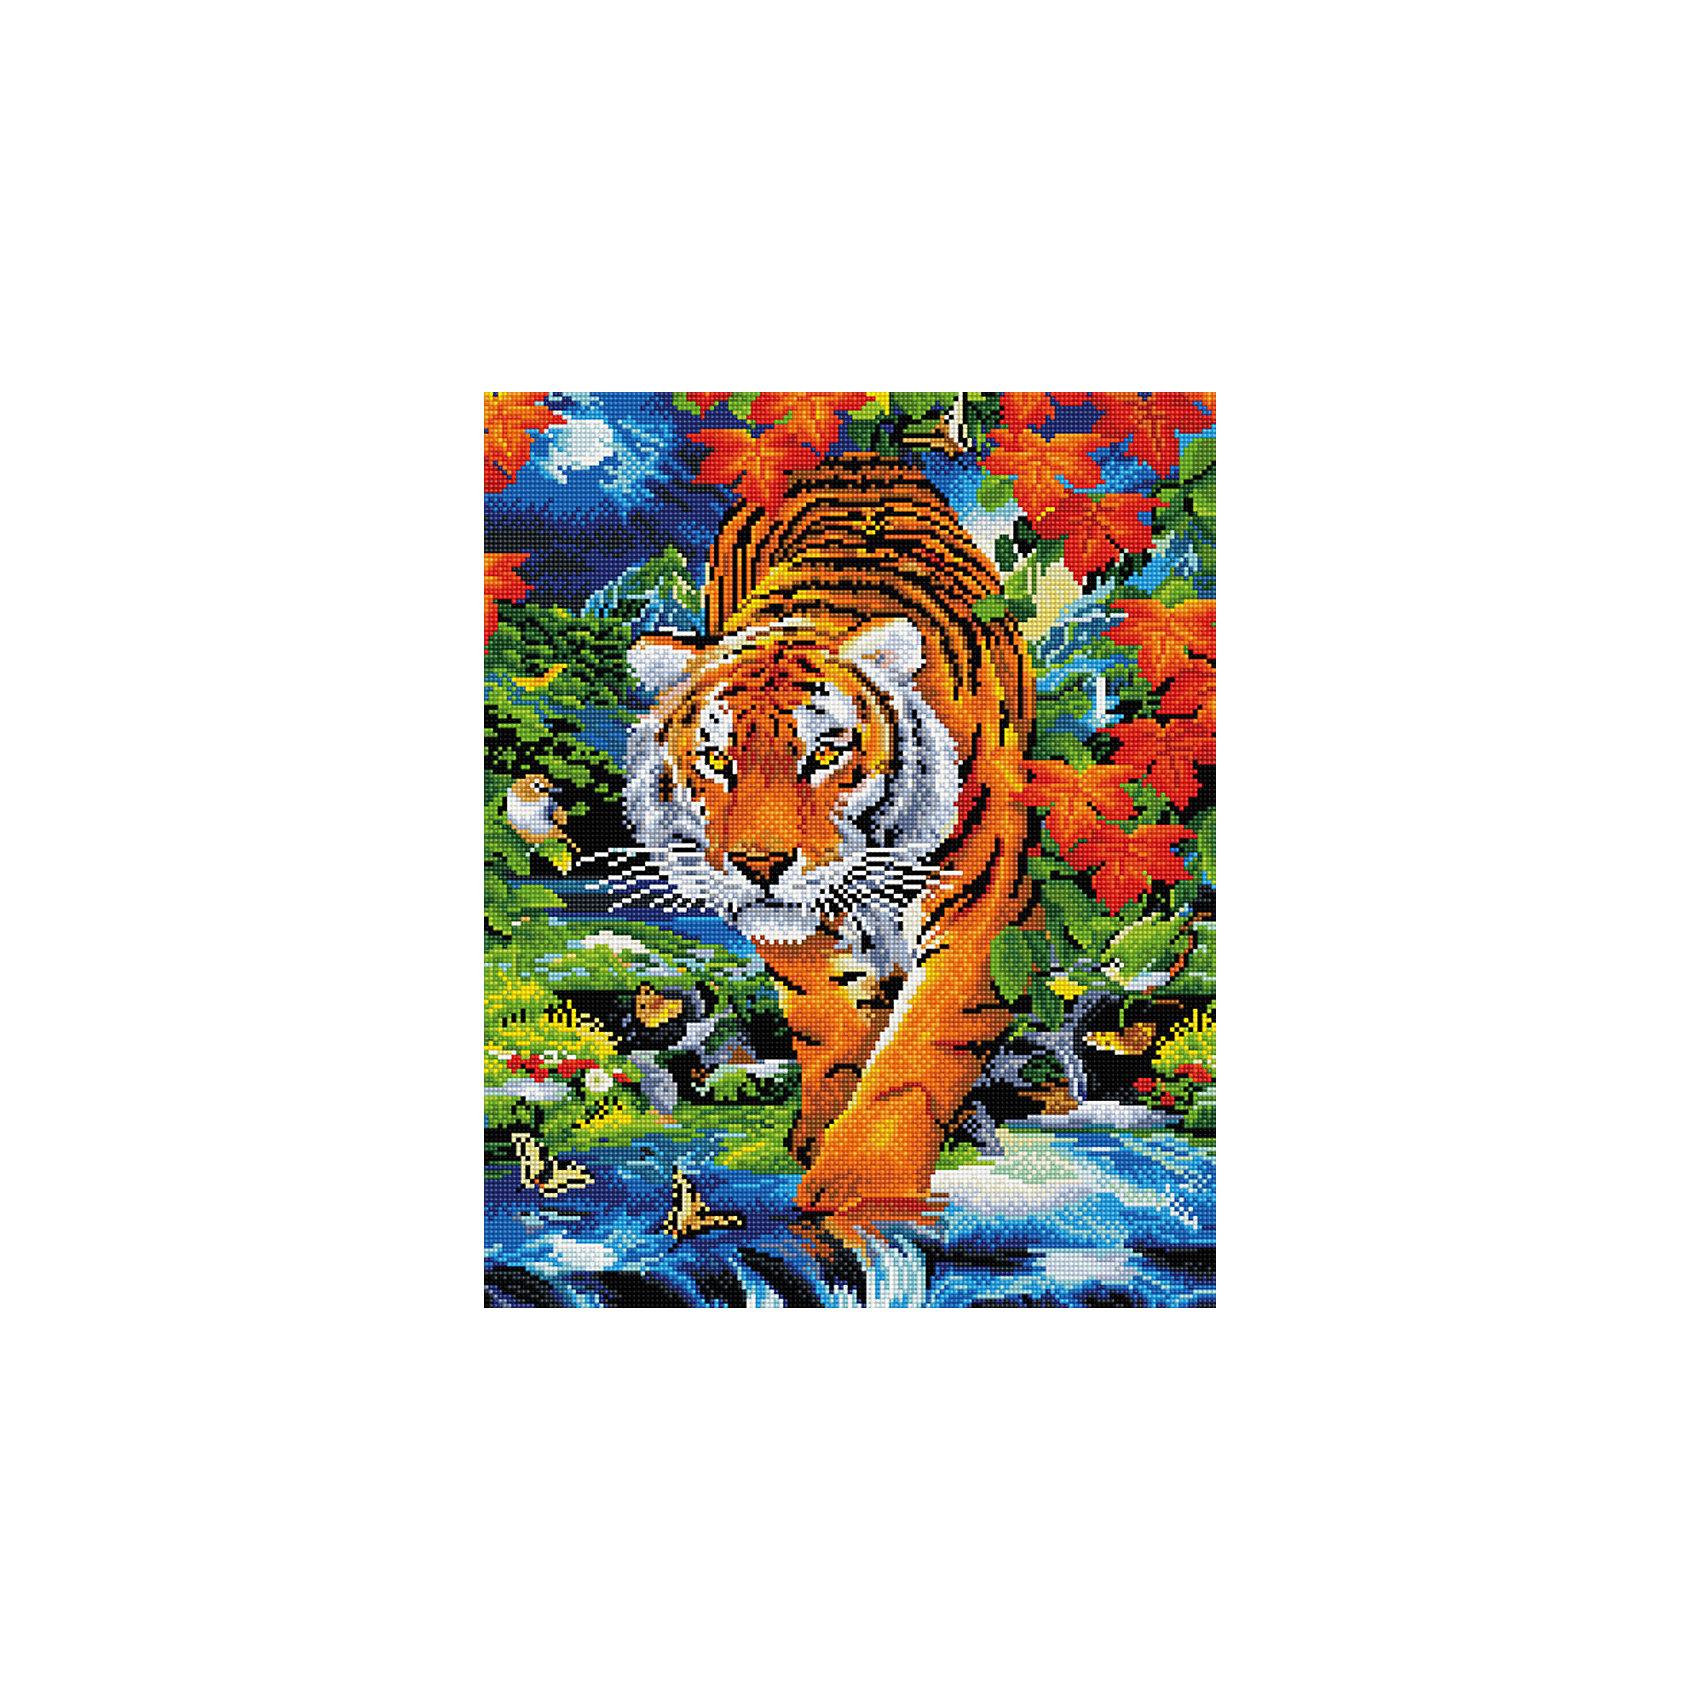 Алмазная мозаика Тигр 40*50 смХарактеристики:<br><br>• Предназначение: для занятий творчеством в технике алмазной живописи<br>• Тематика: Животные<br>• Пол: для девочек<br>• Уровень сложности: средний<br>• Материал: дерево, бумага, акрил, пластик<br>• Цвет: оттенки коричневого, оранжевый, желтый, голубой, синий, зеленый, красныйи др.<br>• Количество цветов: 32<br>• Комплектация: холст на подрамнике, стразы, пинцет, карандаш для камней, клей, лоток для камней, инструкция<br>• Размеры (Ш*Д): 40*50 см<br>• Тип выкладки камней: сплошное заполнение рисунка<br>• Стразы квадратной формы <br>• Вес: 900 г <br>• Упаковка: картонная коробка<br><br>Алмазная мозаика Тигр 40*50 см – это набор для создания картины в технике алмазной живописи. Набор для творчества включает в себя холст, на который нанесена схема рисунка, комплекта разноцветных страз квадратной формы, подрамника и инструментов для выкладки узора. Все использованные в наборе материалы экологичные и нетоксичные. Картина выполняется в технике сплошного заполнения декоративными элементами поверхности холста, что обеспечивает высокую реалистичность рисунка. На схеме изображен тигр у источника. <br>Готовые наборы для алмазной мозаики – это оптимальный вариант для любителей рукоделия, так как в них предусмотрены все материалы в требуемом для изготовления картины количестве. Занятия алмазной живописью позволят развивать навыки чтения схем, выполнения заданий по образцу, будут способствовать внимательности, терпению и развитию мелкой моторики. <br>Наборы алмазной мозаики могут быть преподнесены в качестве подарка не только девочкам, но и взрослым любительницам рукоделия.<br><br>Алмазную мозаику Тигр 40*50 см можно купить в нашем интернет-магазине.<br><br>Ширина мм: 420<br>Глубина мм: 520<br>Высота мм: 50<br>Вес г: 900<br>Возраст от месяцев: 96<br>Возраст до месяцев: 2147483647<br>Пол: Женский<br>Возраст: Детский<br>SKU: 5217139